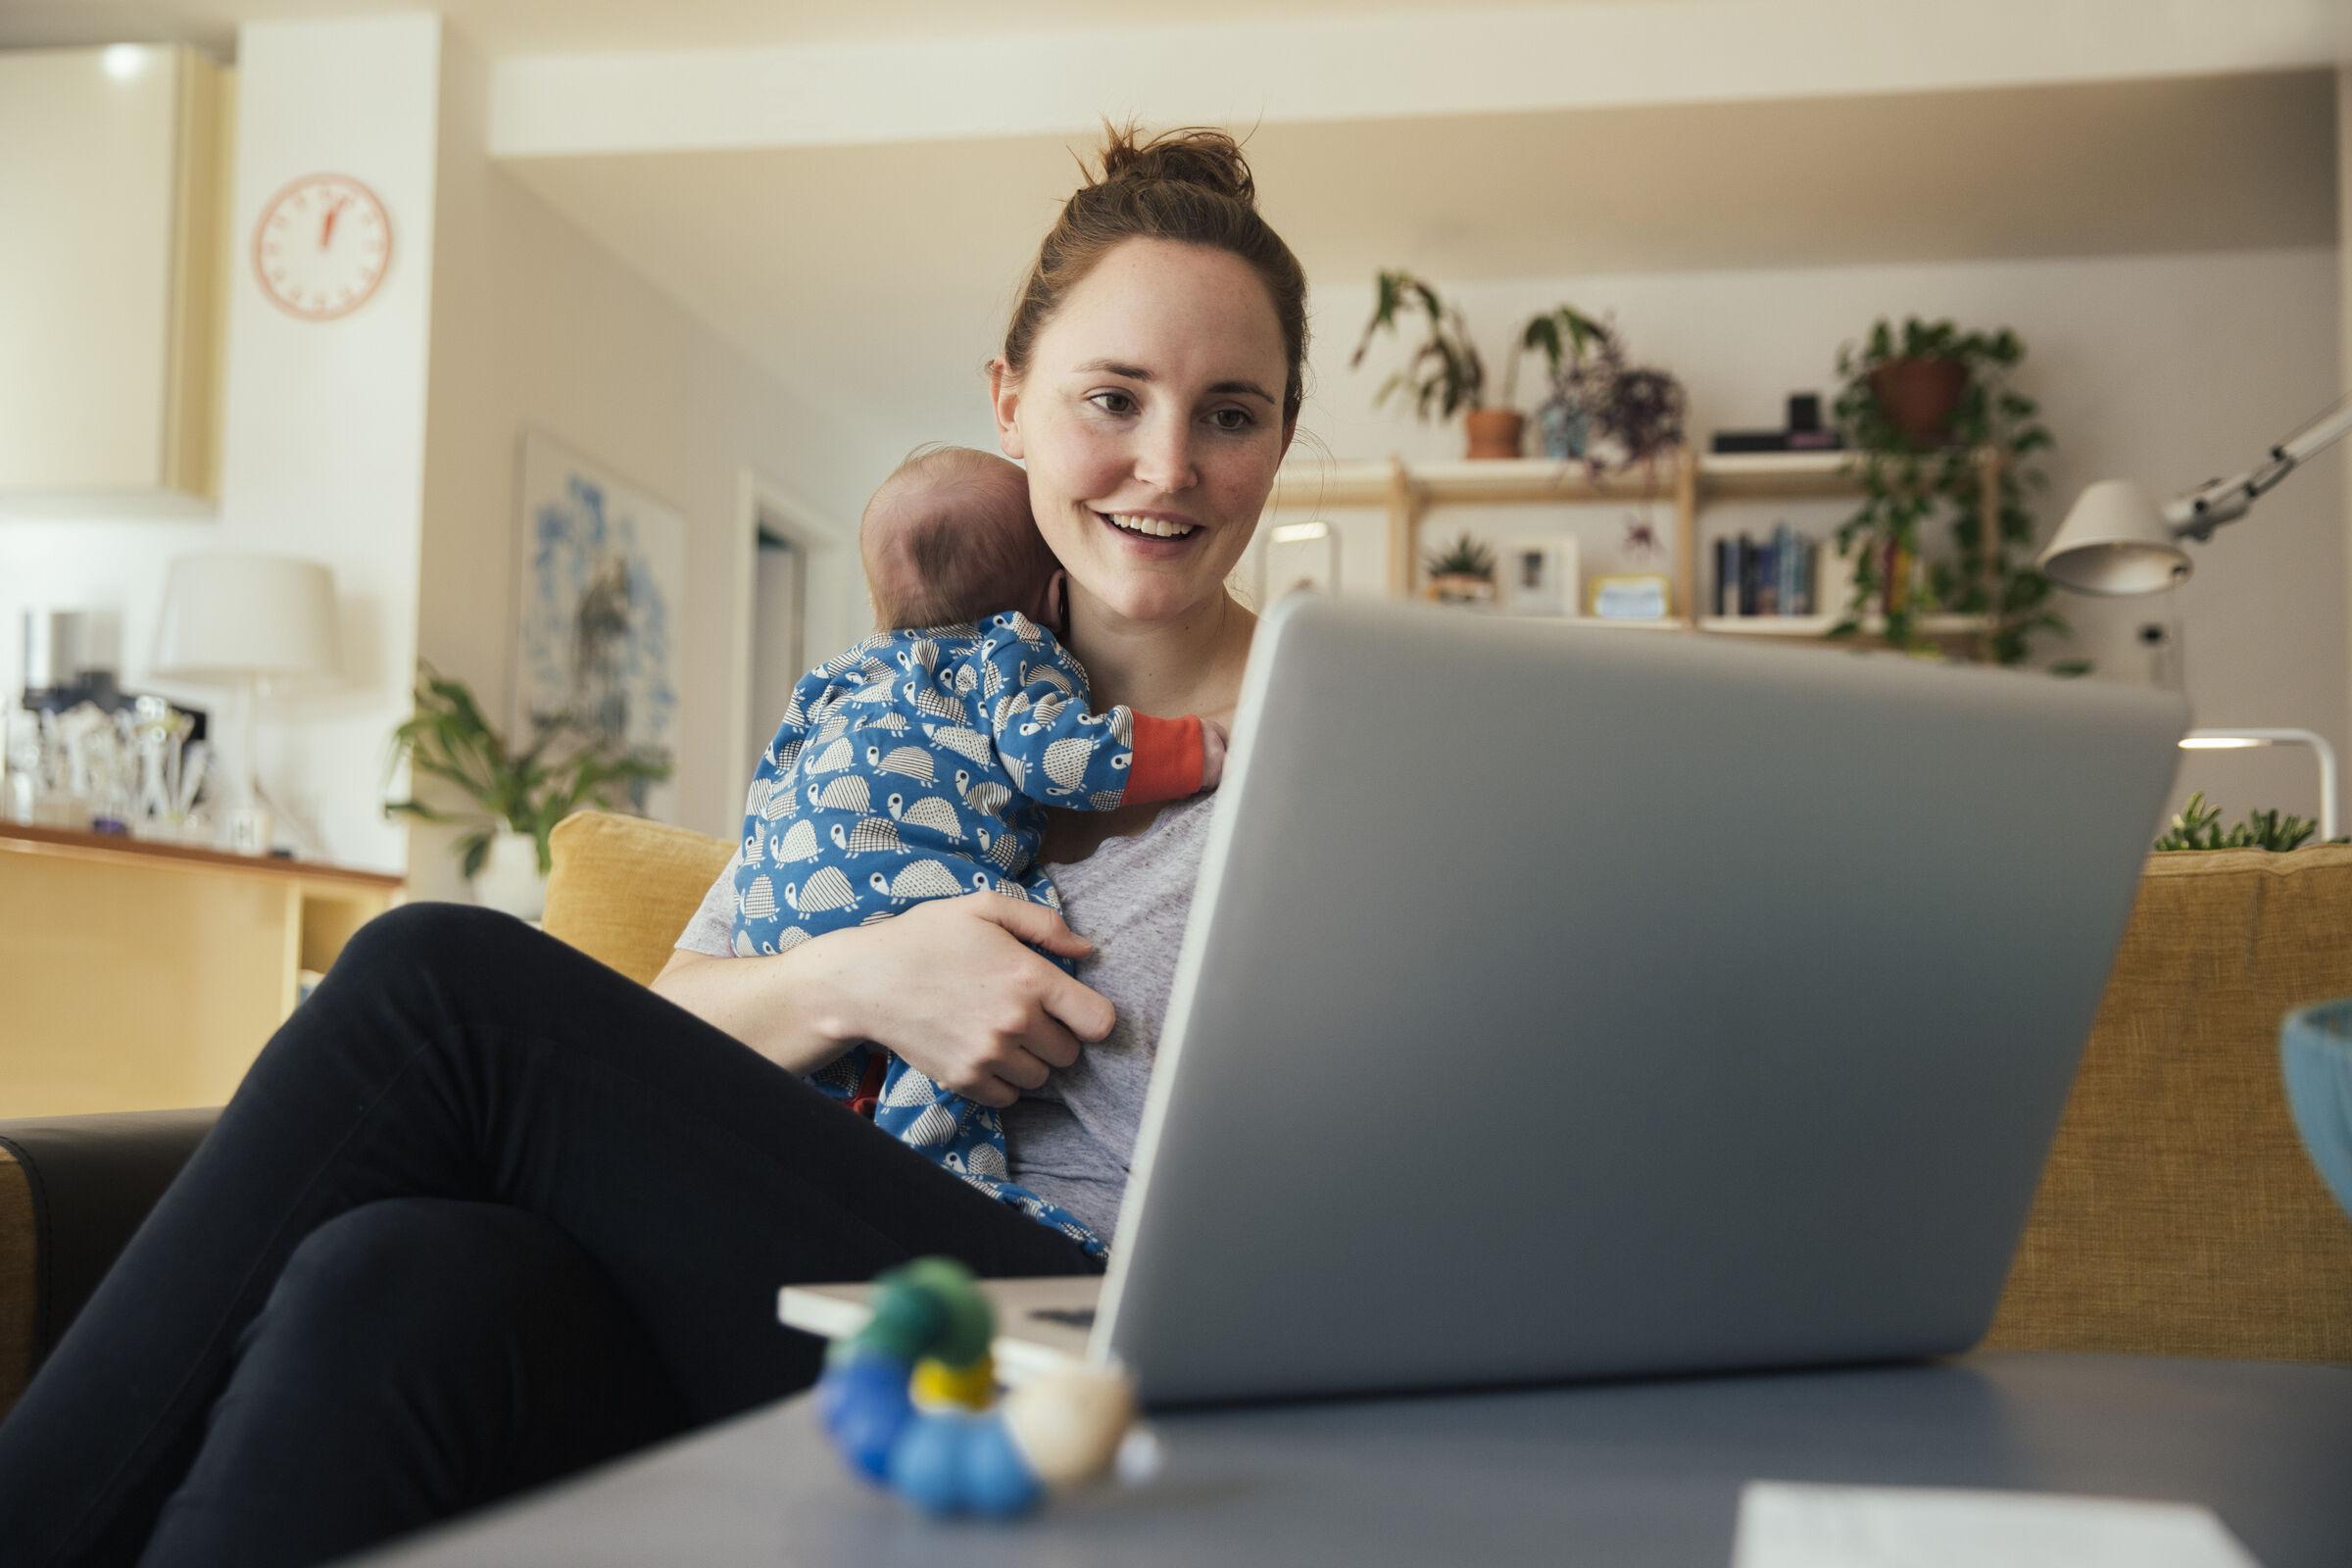 Mãe-com-recém-nascido-na-frente-do-computador